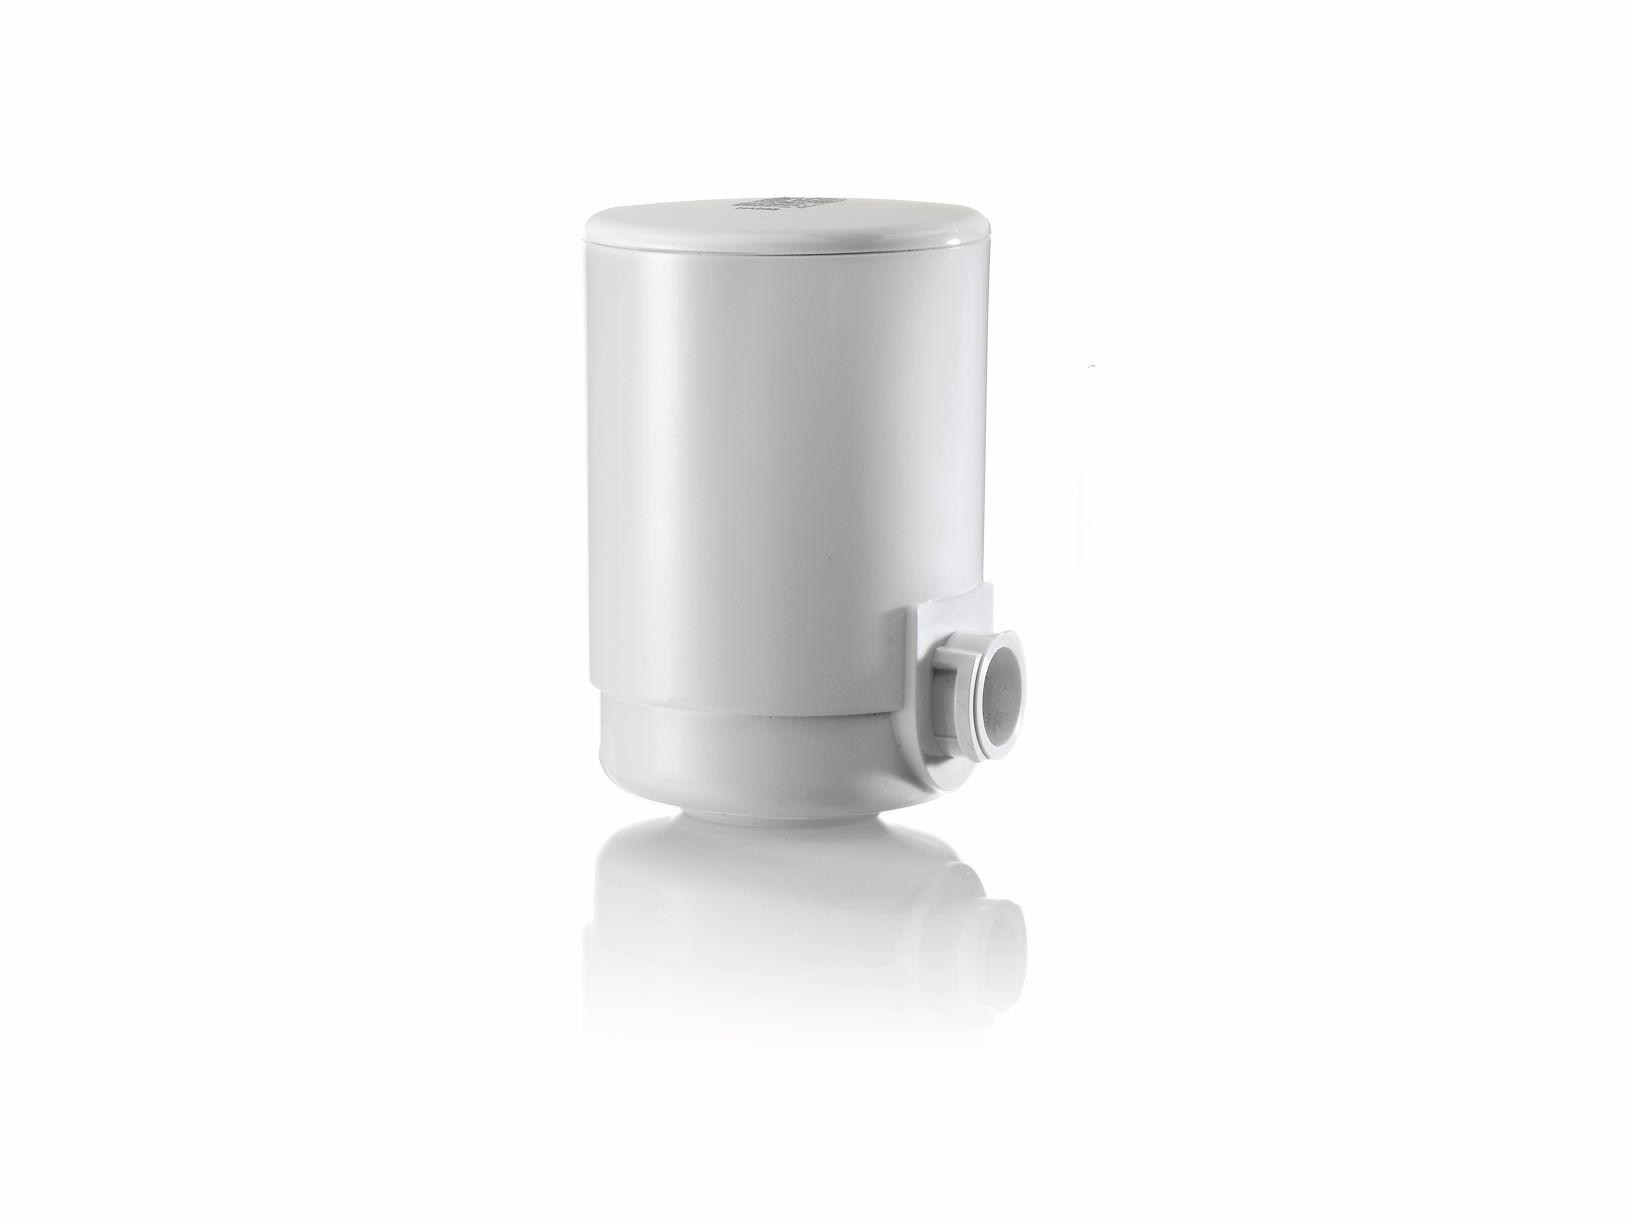 NOU: Cartus filtrant pentru sistemele de filtrare apa cu fixare pe robinet Laica HydroSmart, 900 litri laicashop.ro 2021